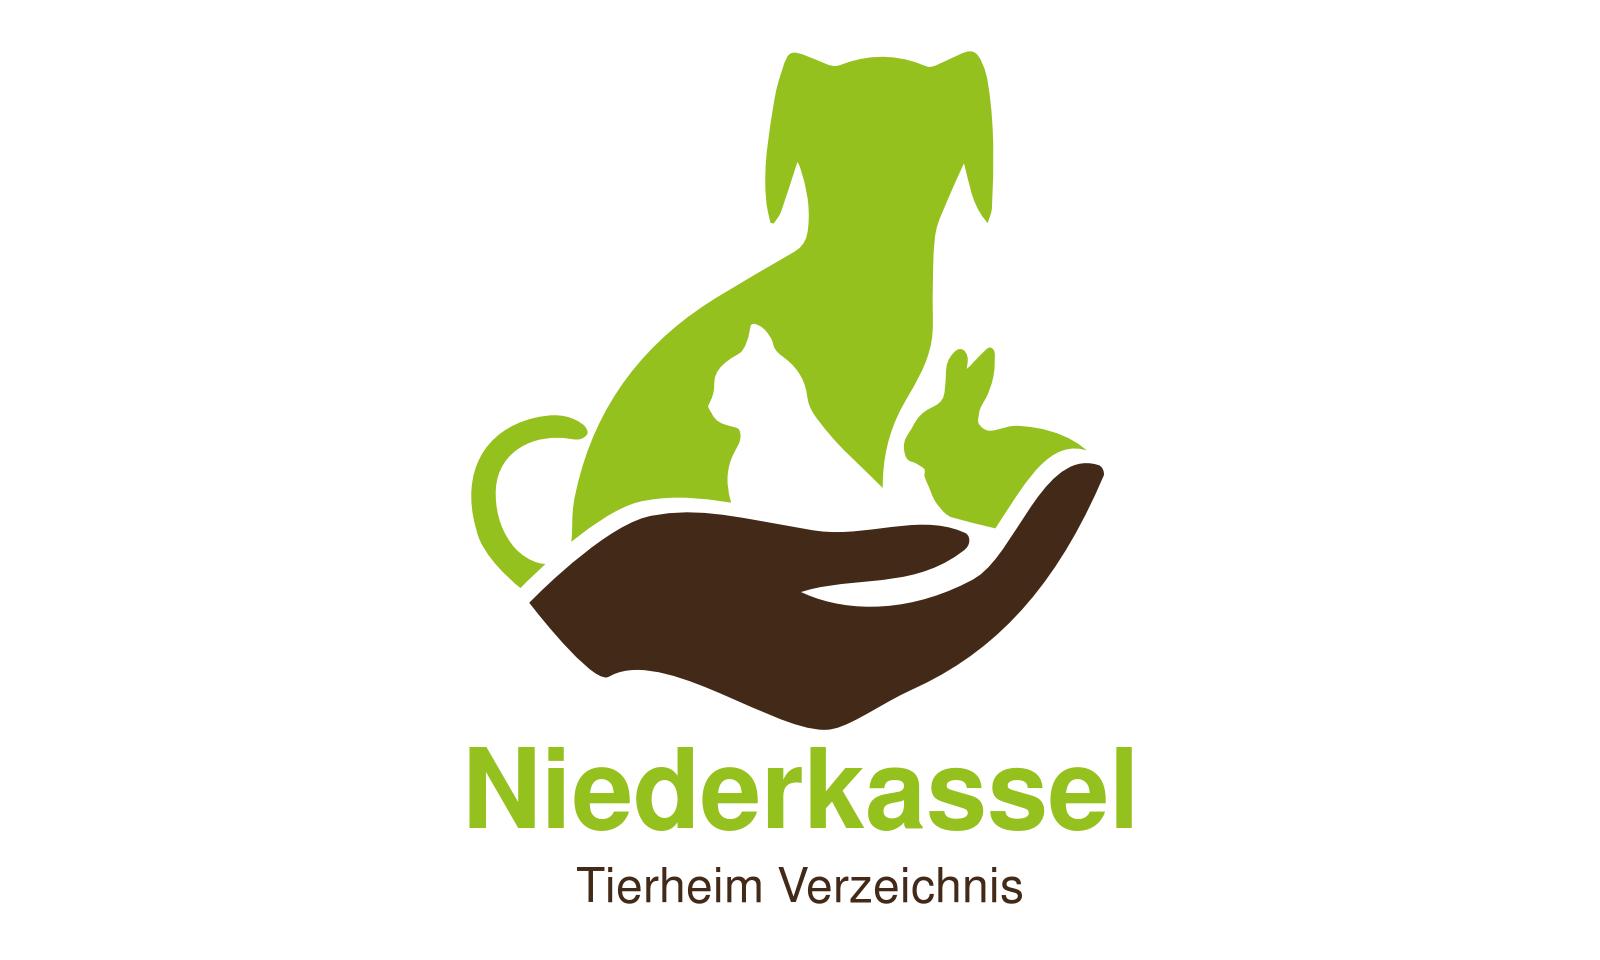 Tierheim Niederkassel